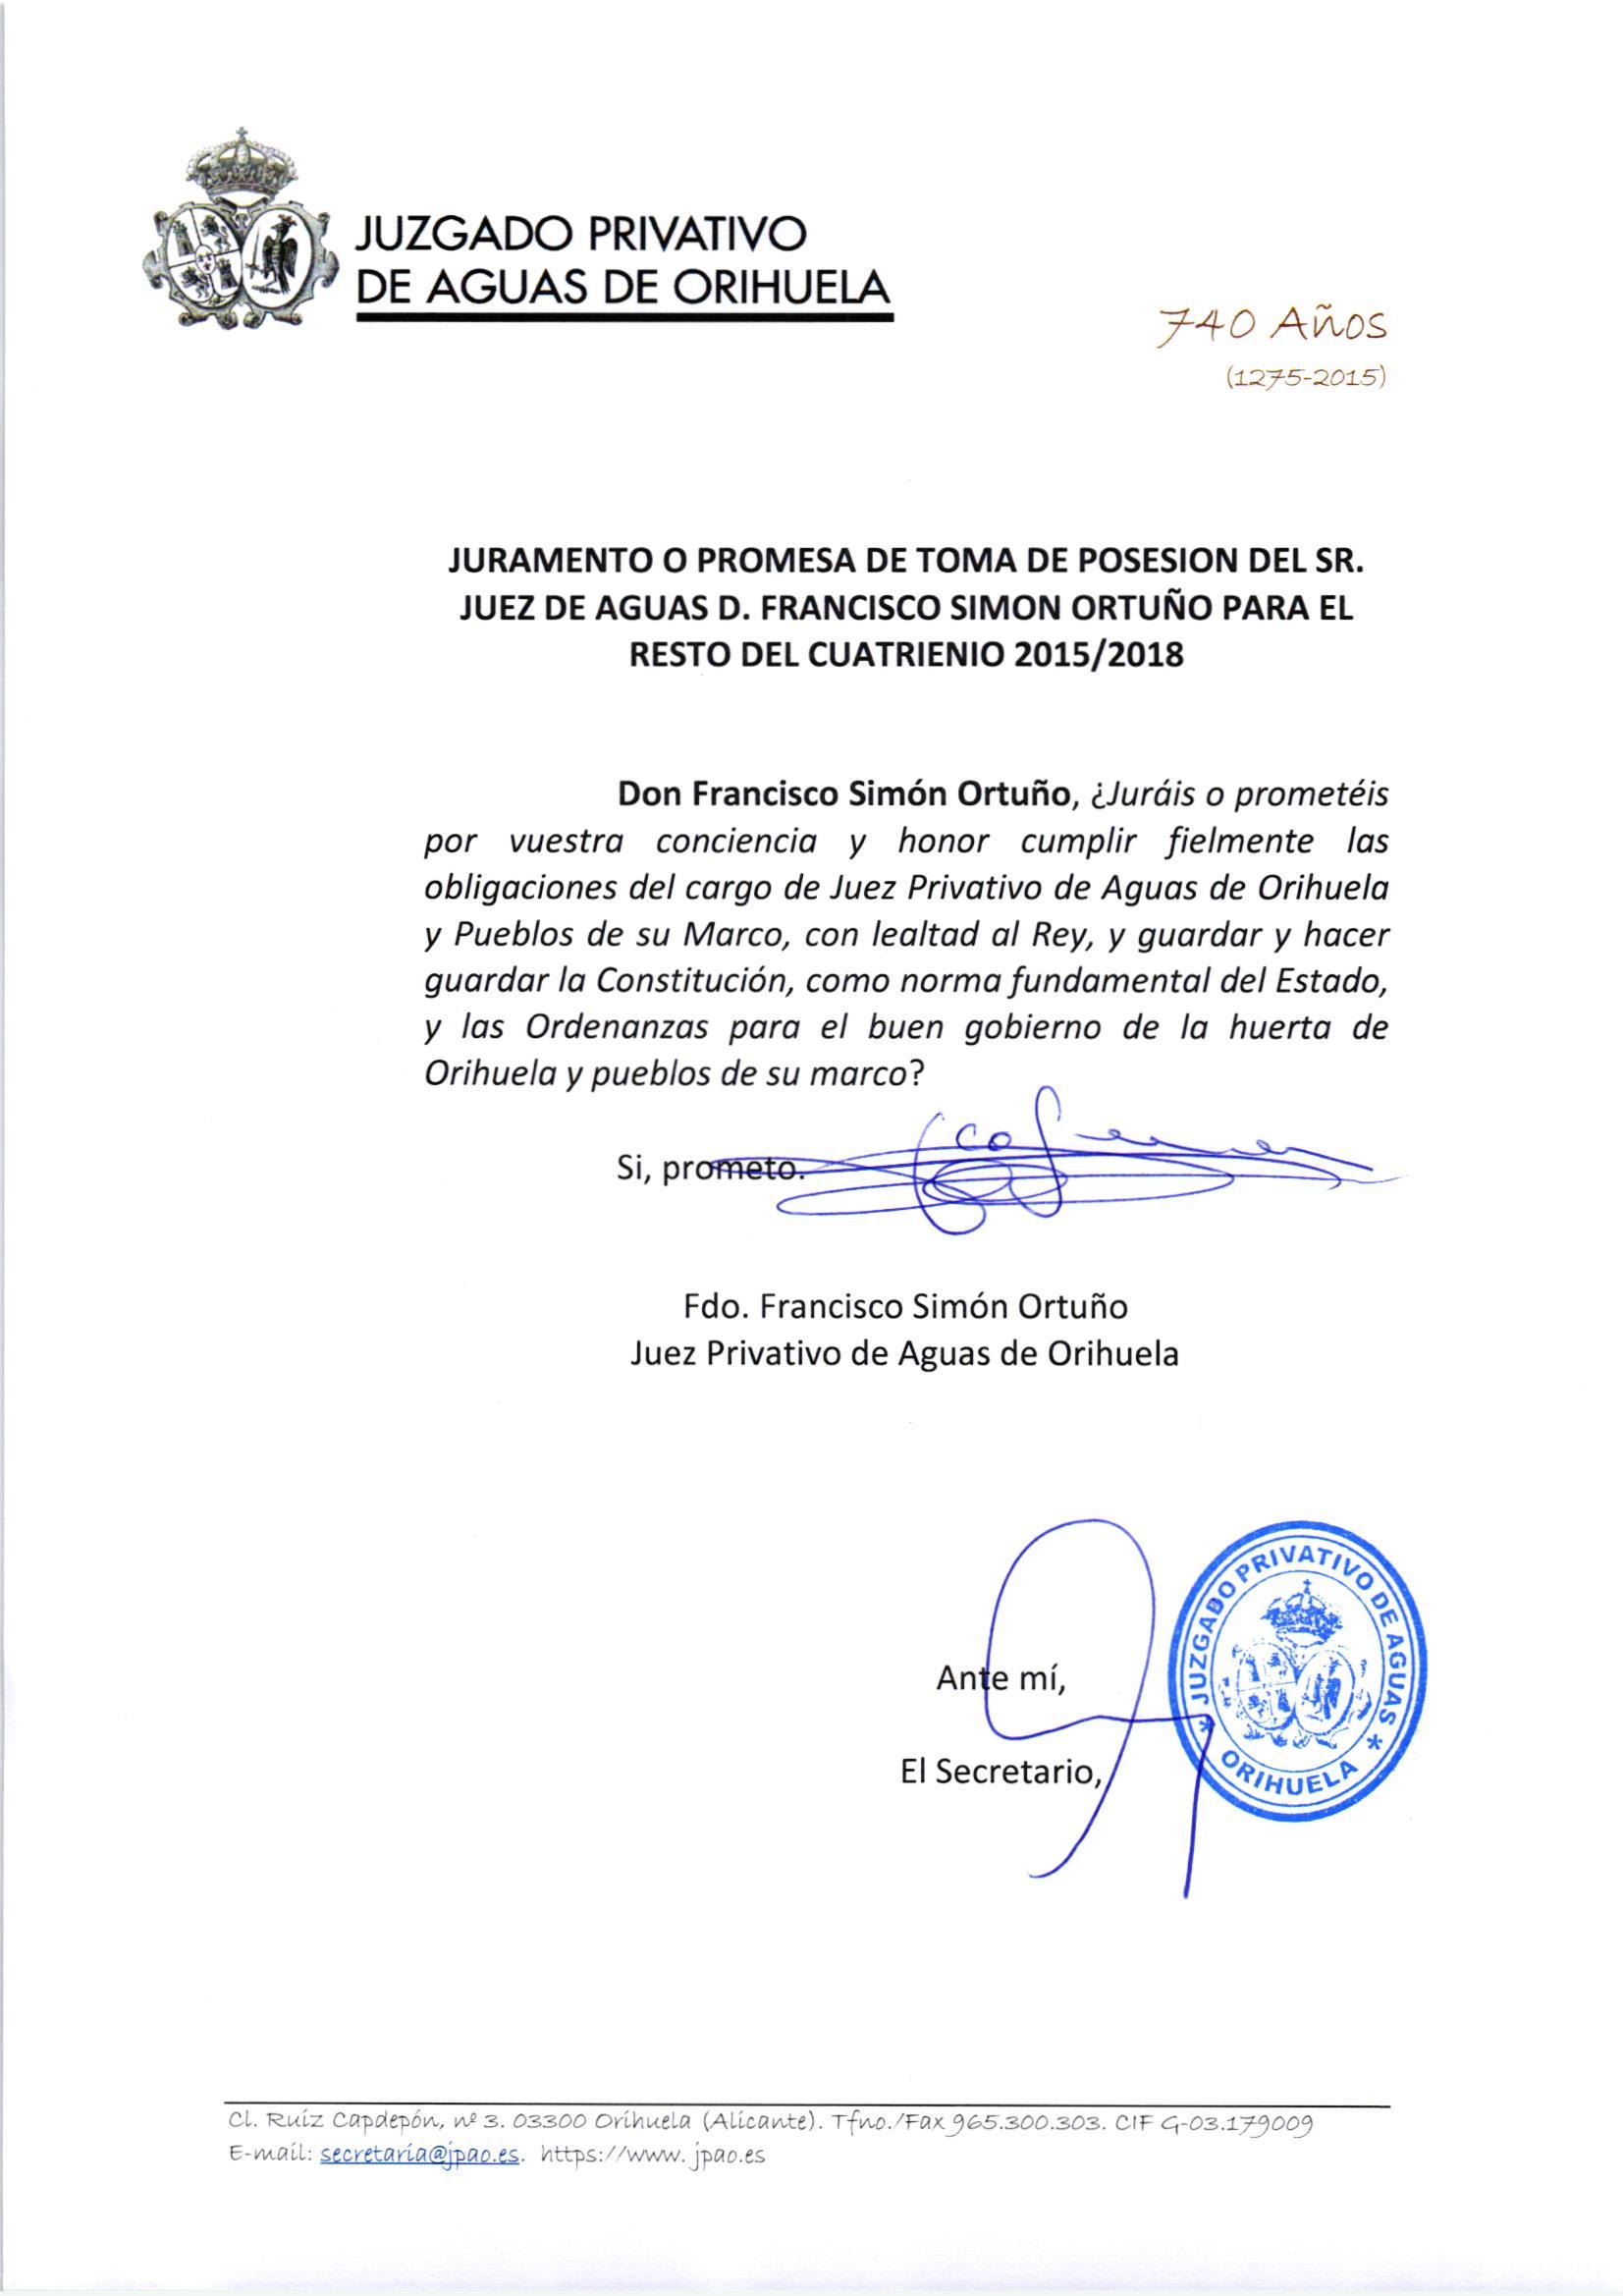 72 2016 ACTA TOMA DE POSESION1_Página_9